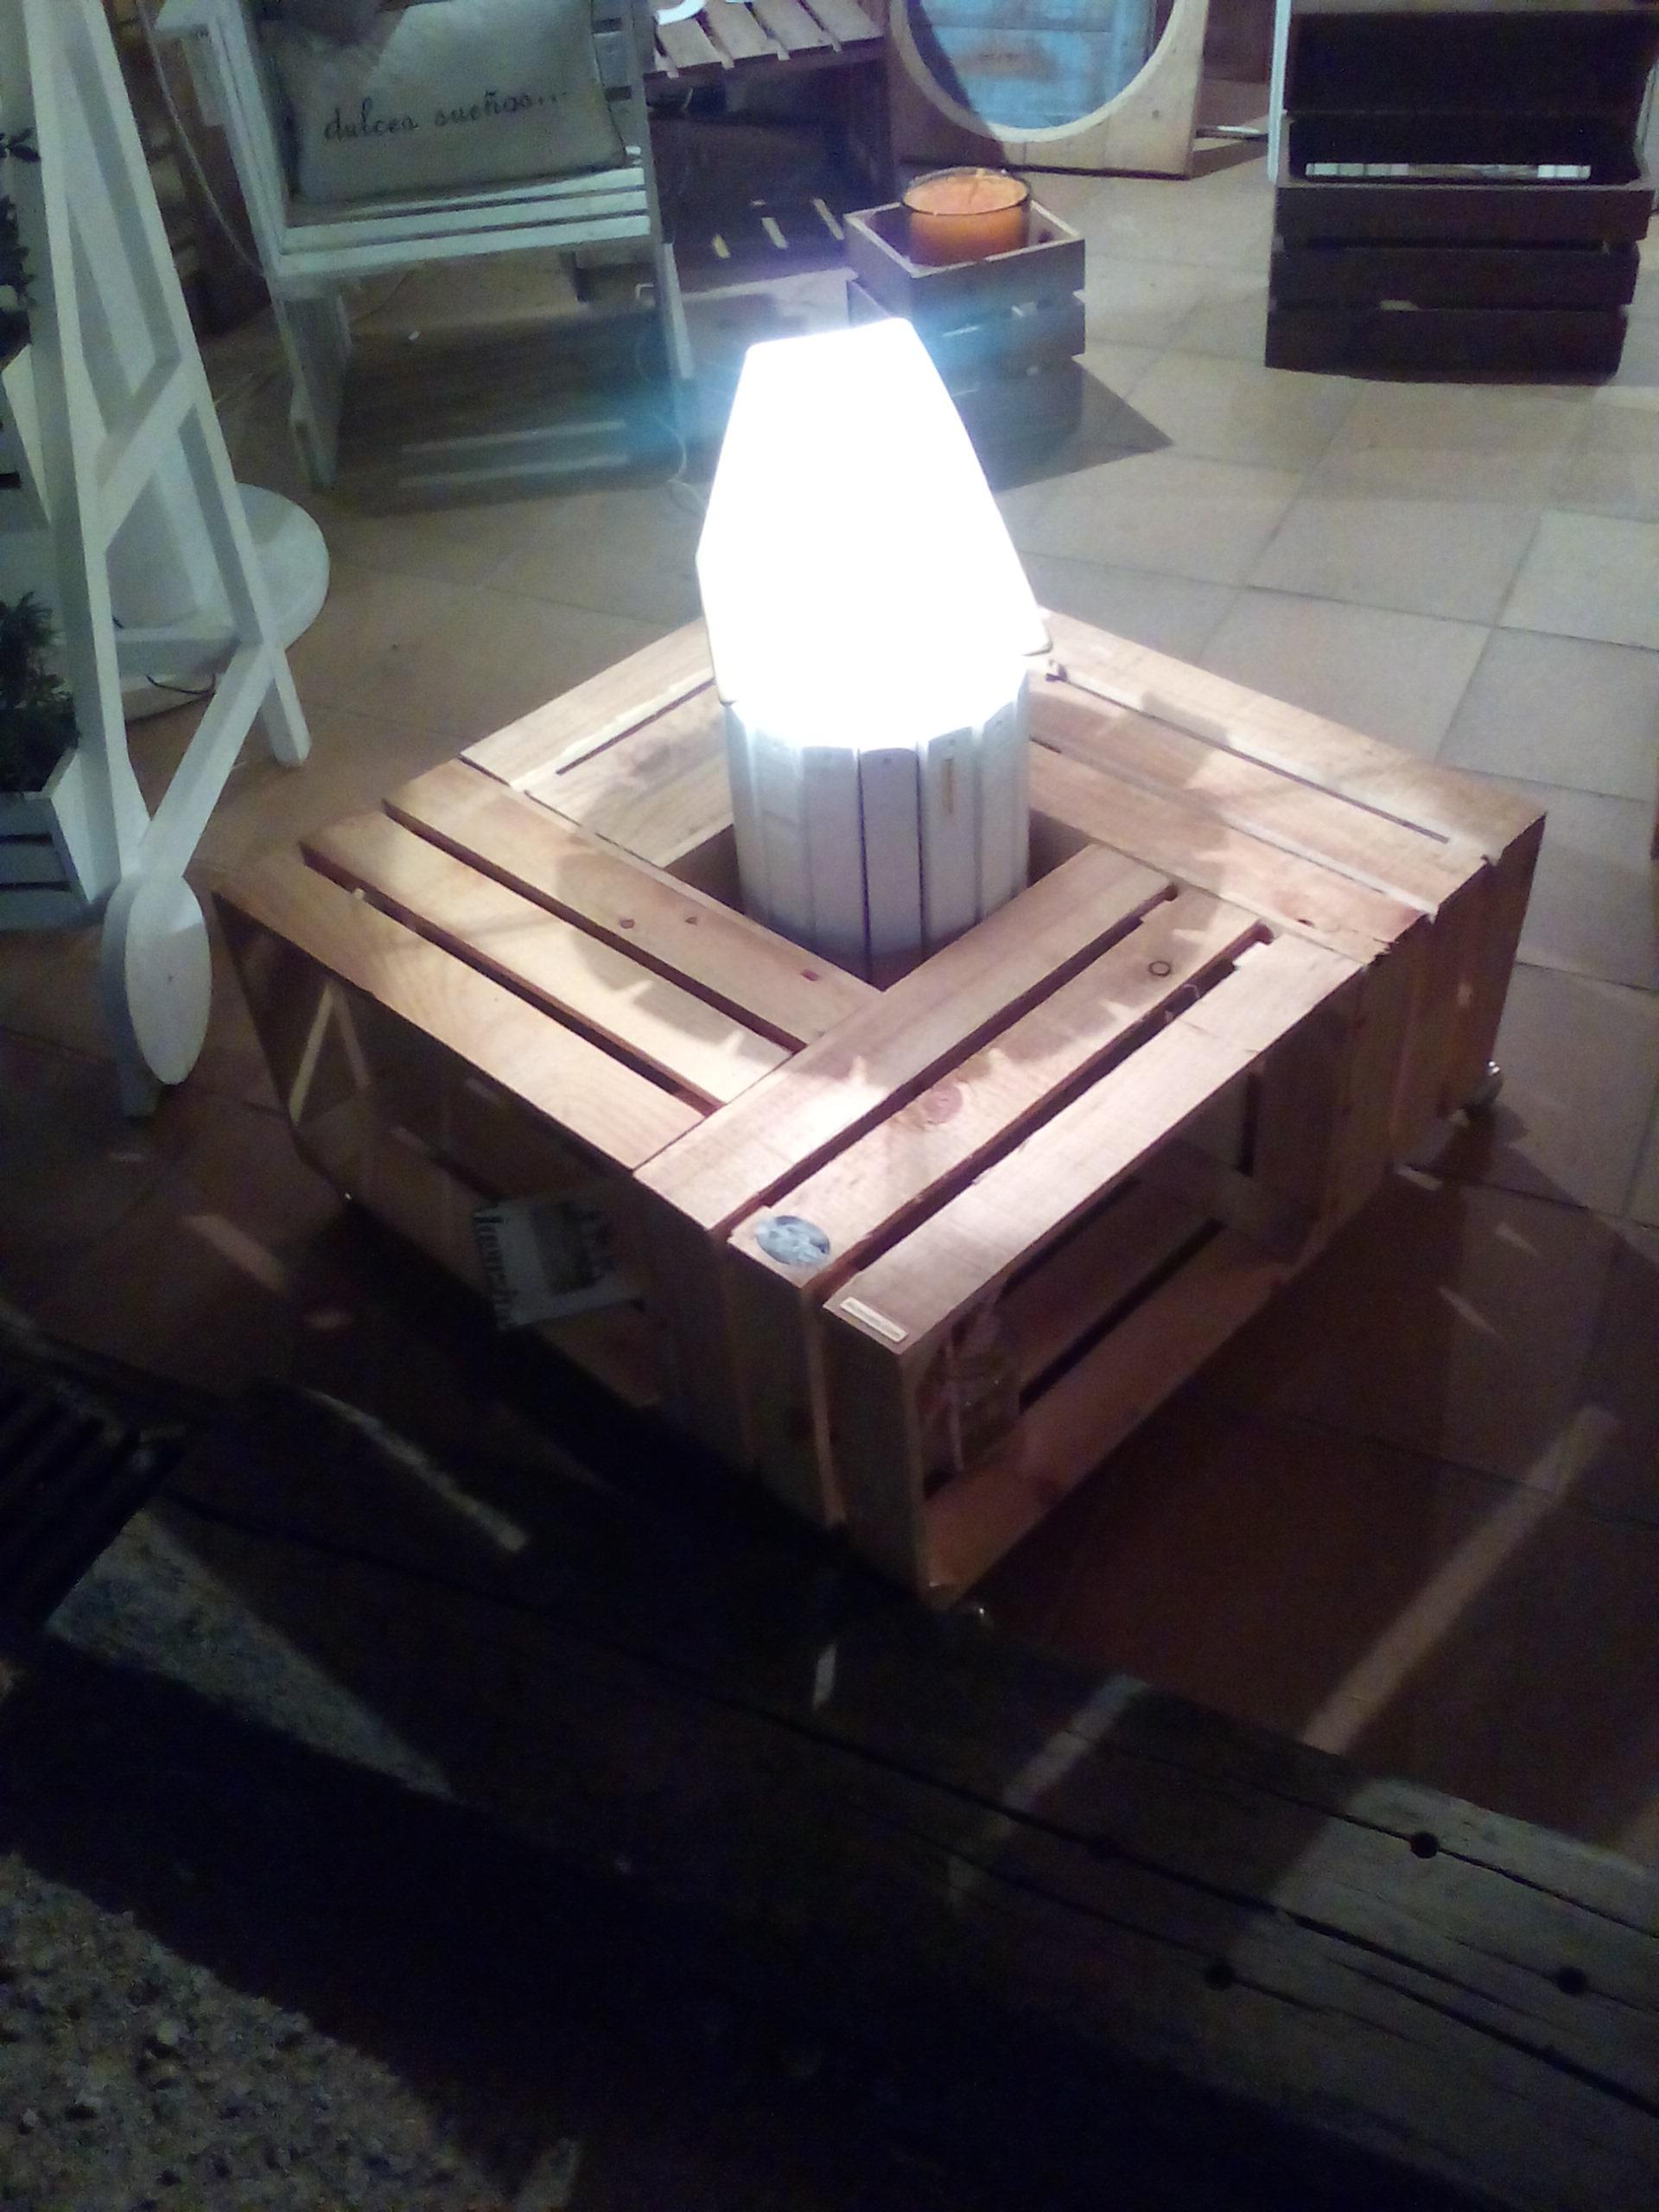 Mesa cajas madera y lámpara